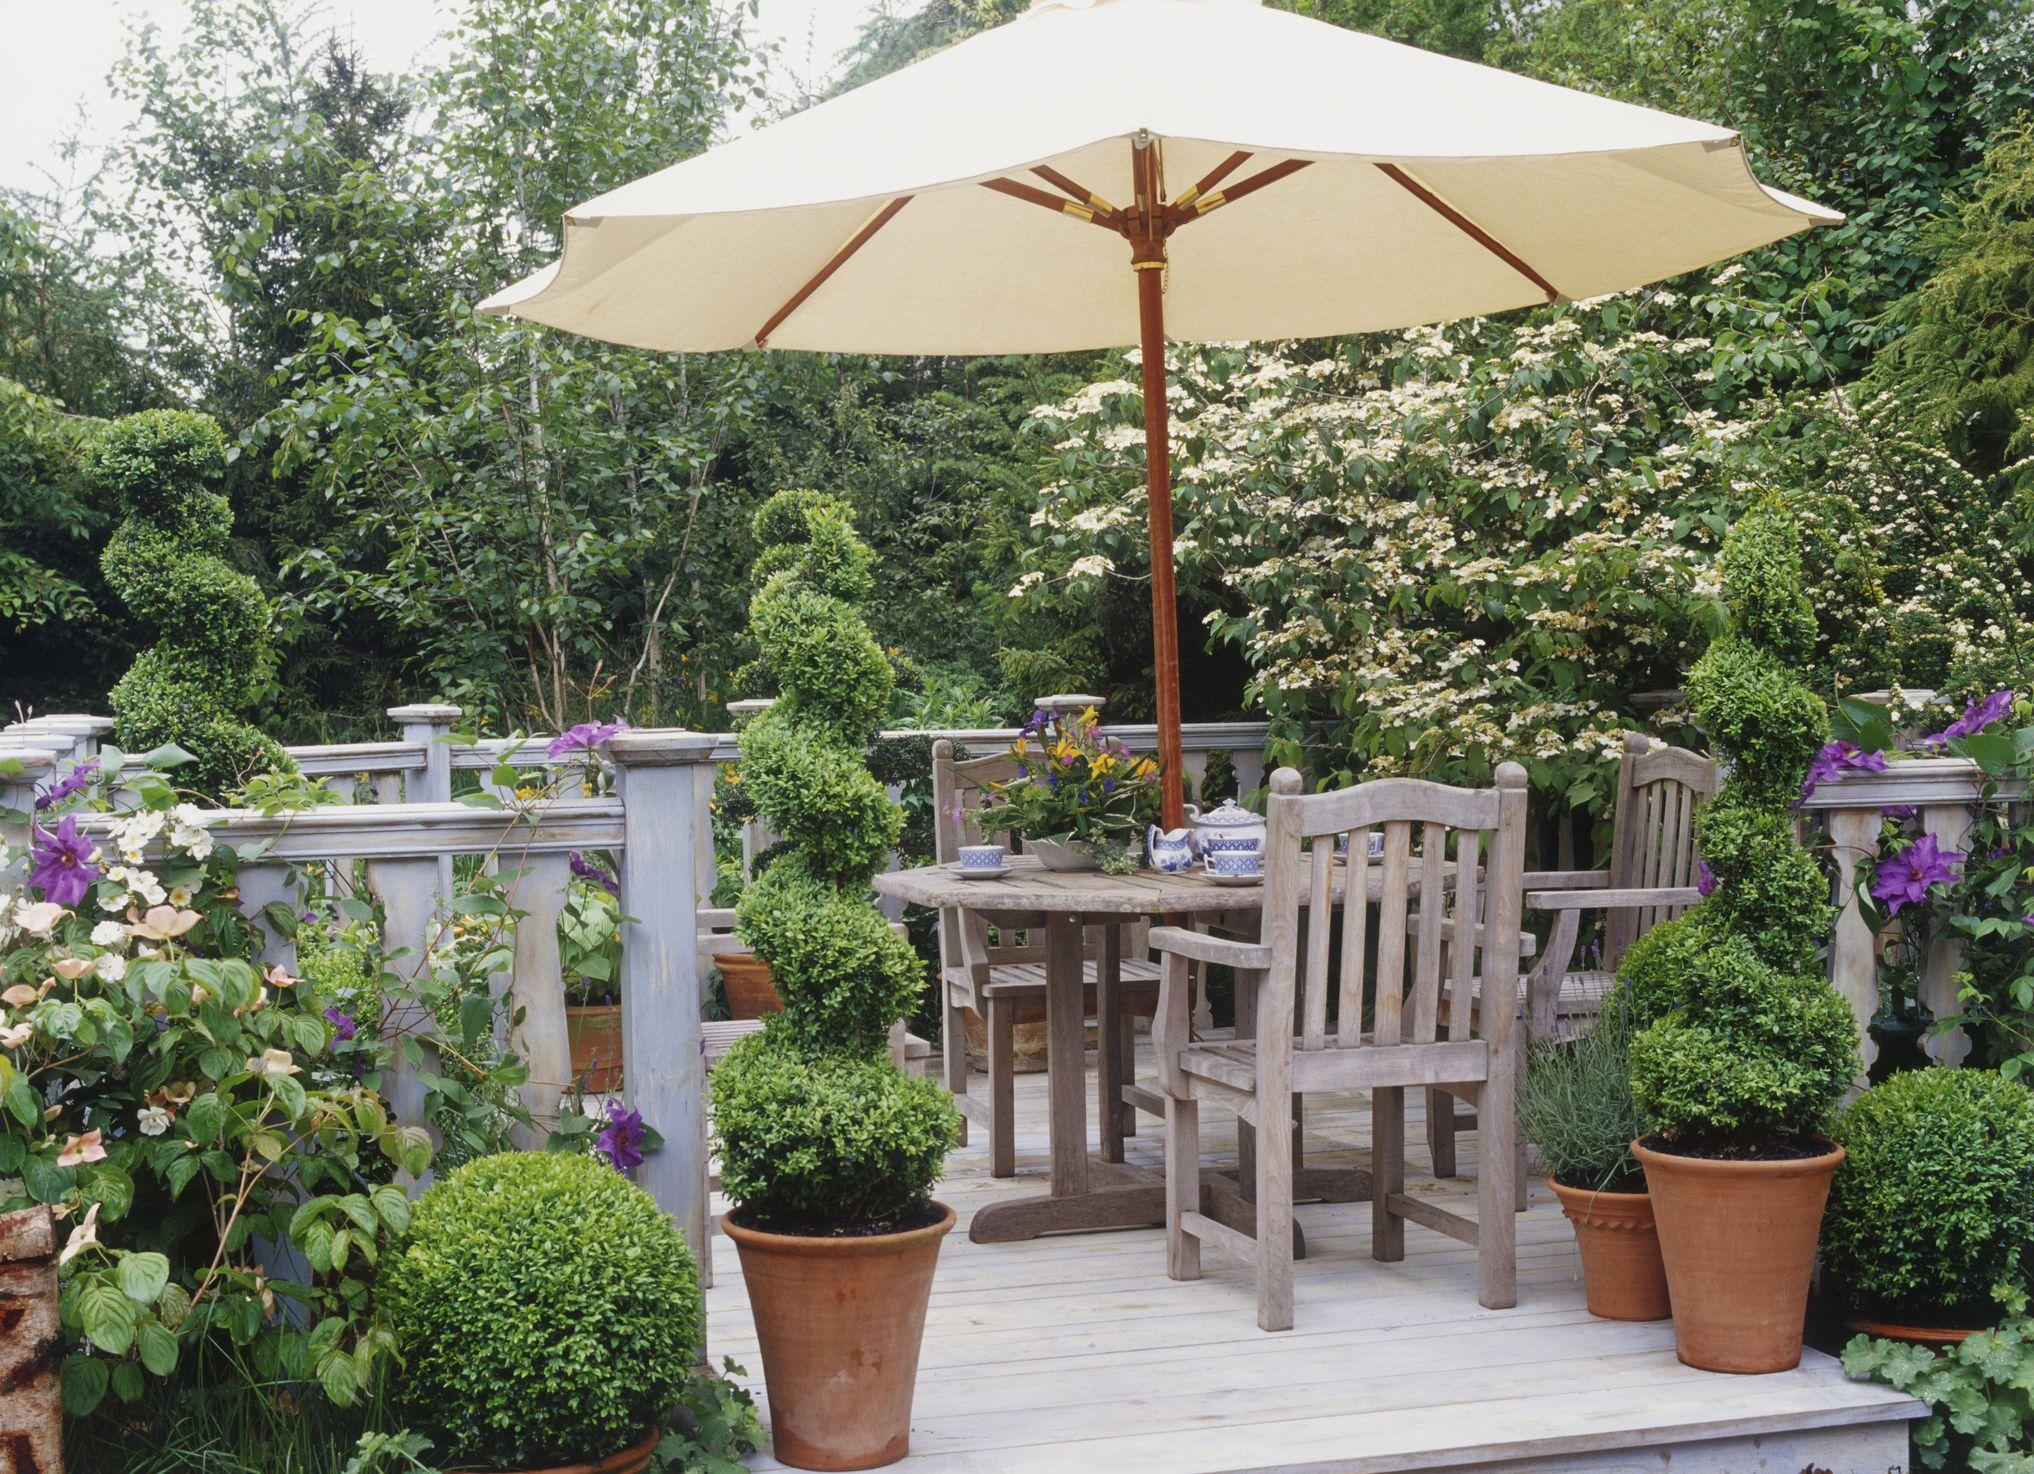 25a13cbfa8e9 How To Pest-Proof Your Garden Decking – Garden Pests